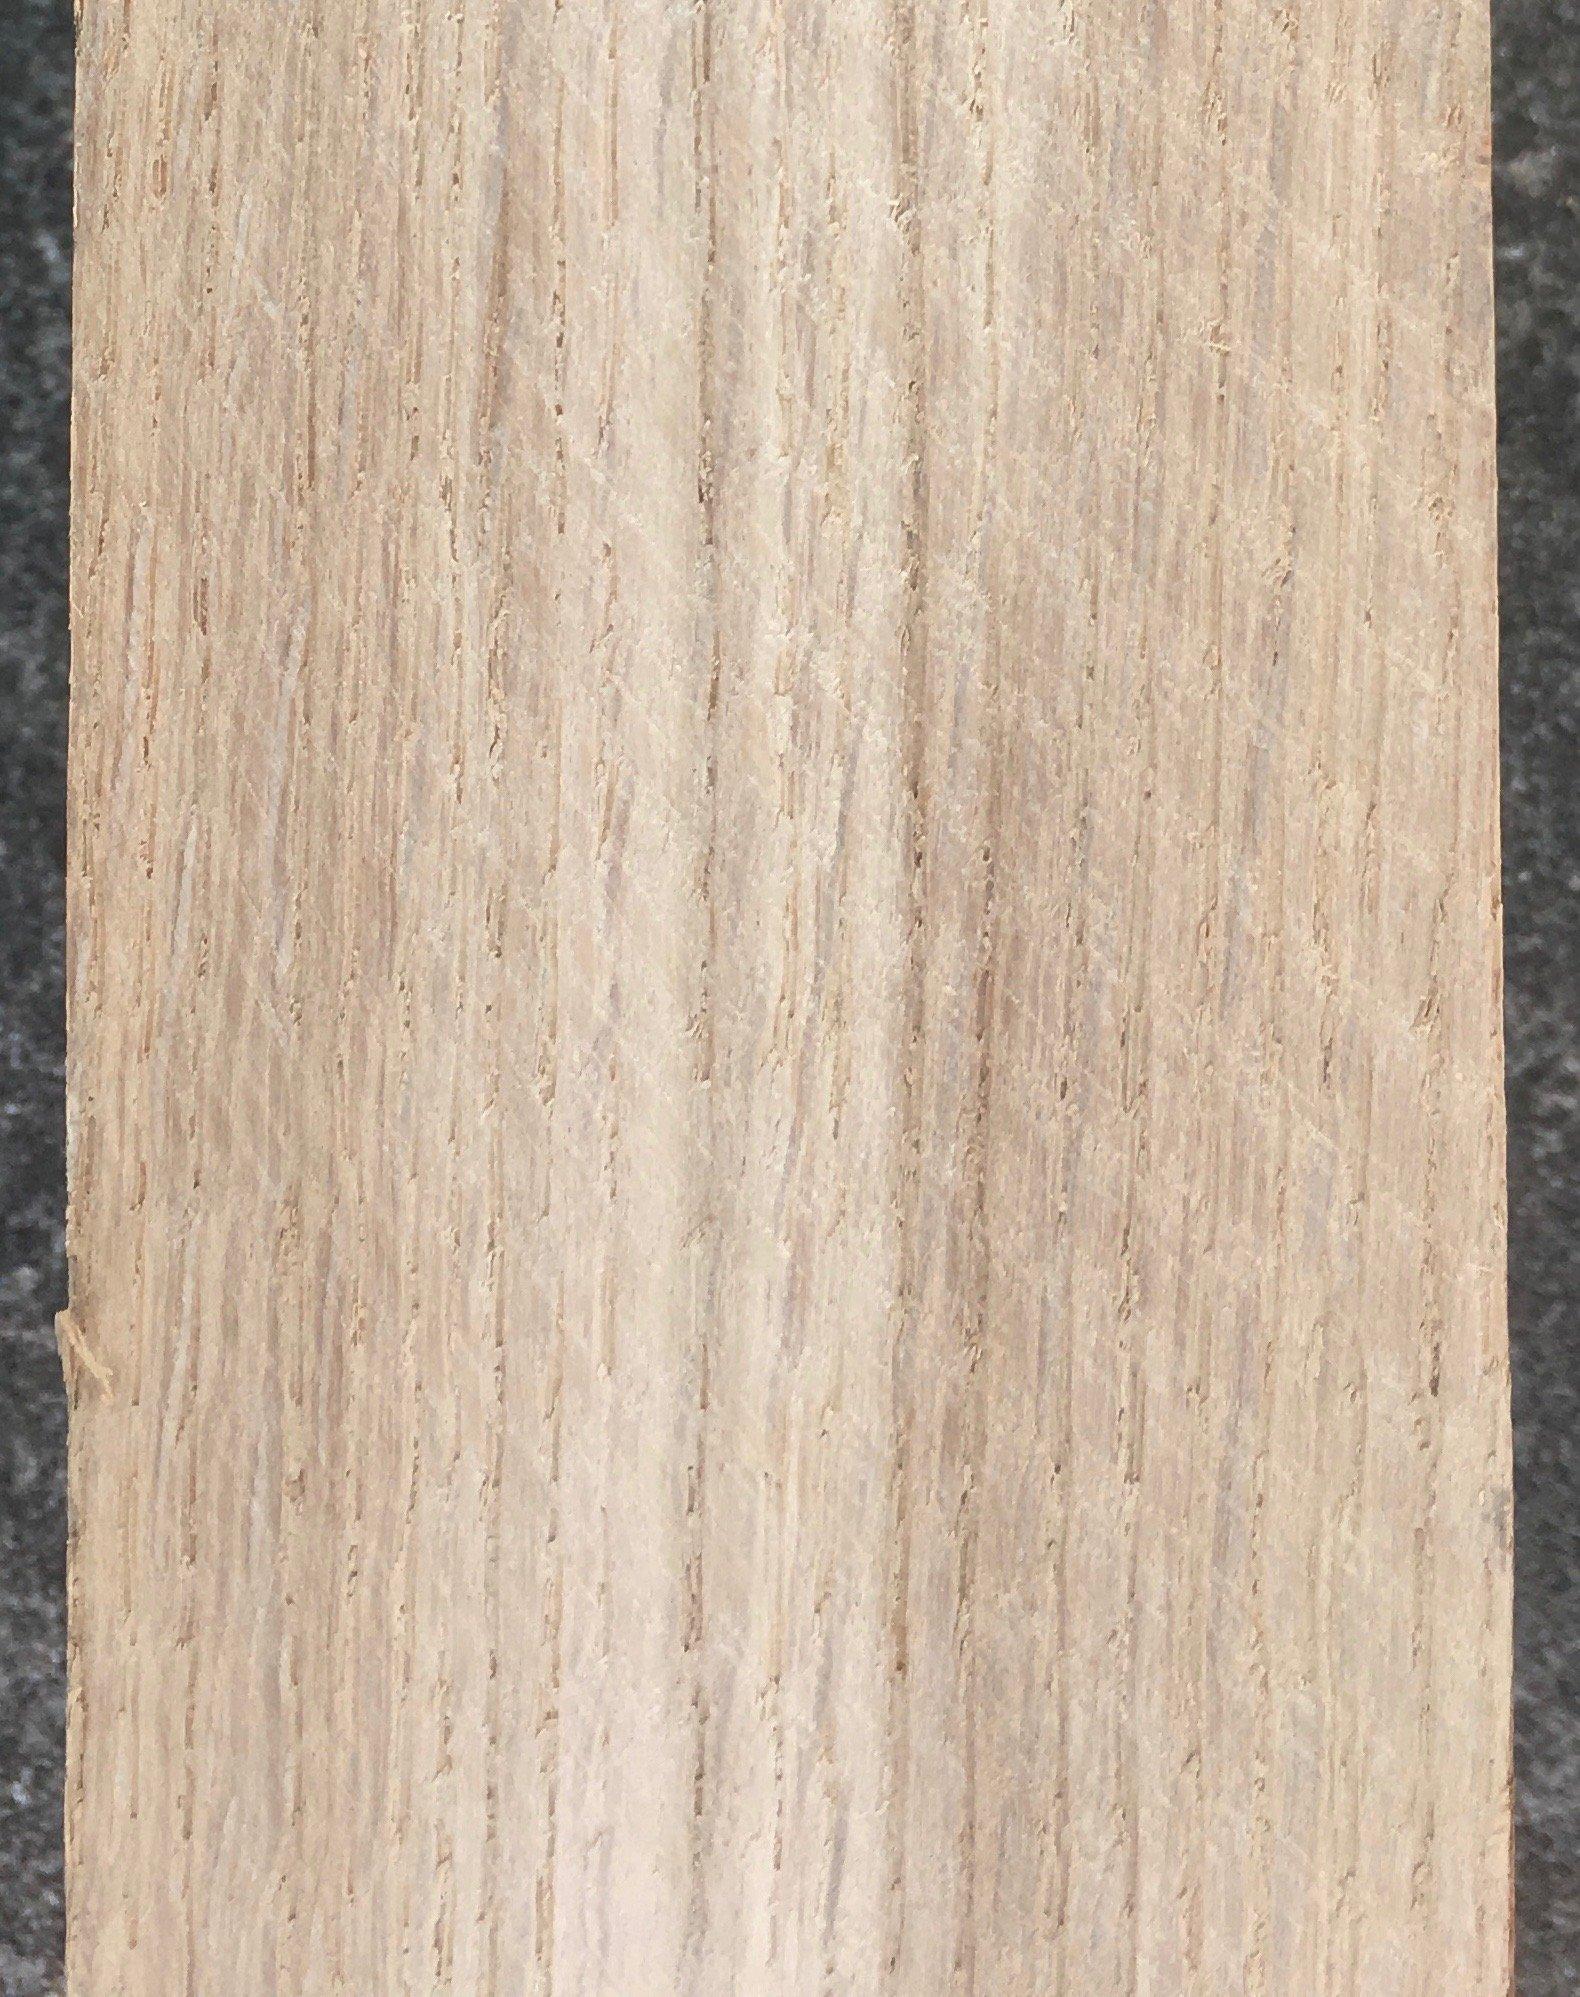 Oak showing sapwood